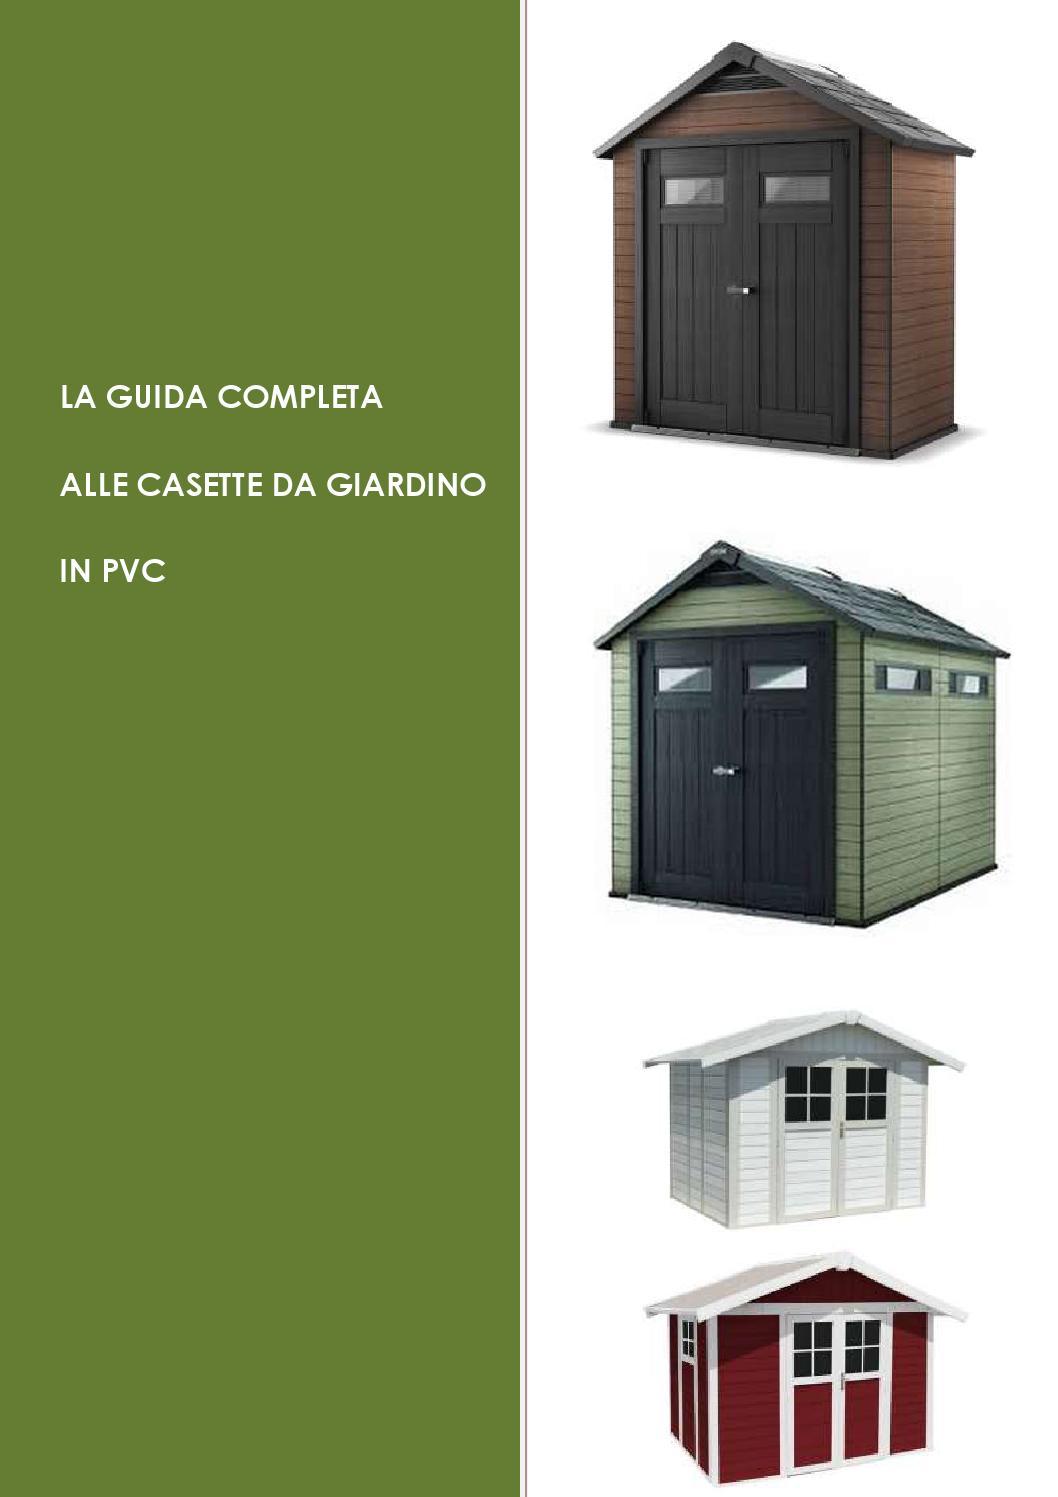 Casette Per Attrezzi In Plastica.La Guida Completa Alle Casette Da Giardino In Pvc By Casette